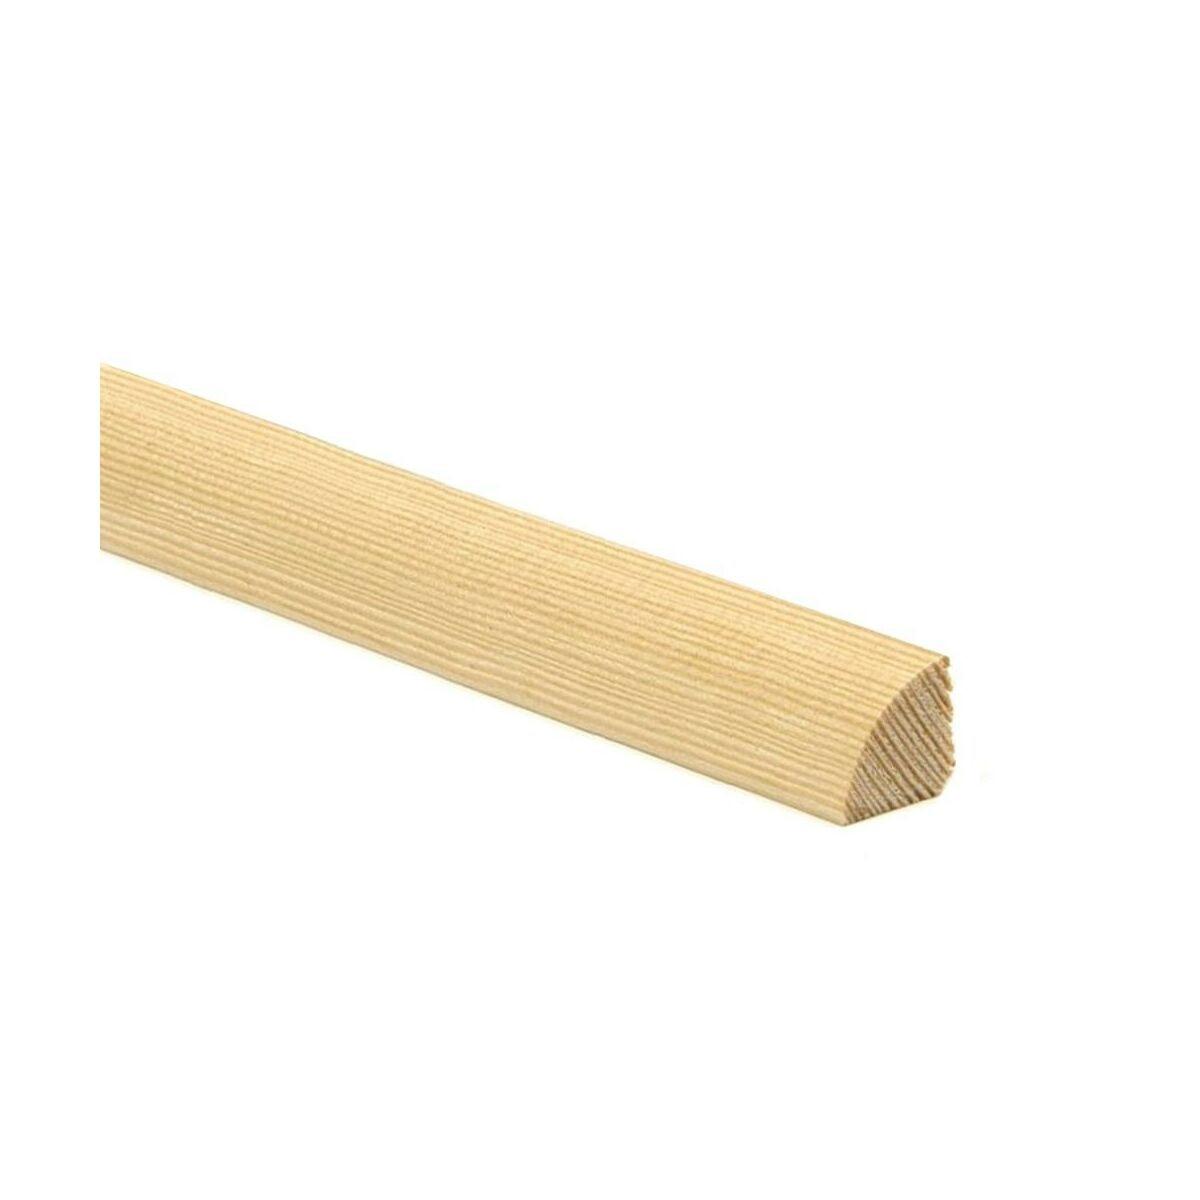 Cwiercwalek Wypukly 20 X 20 X 2500 Mm Drewniane Listwy Profilowane W Atrakcyjnej Cenie W Sklepach Leroy Merlin